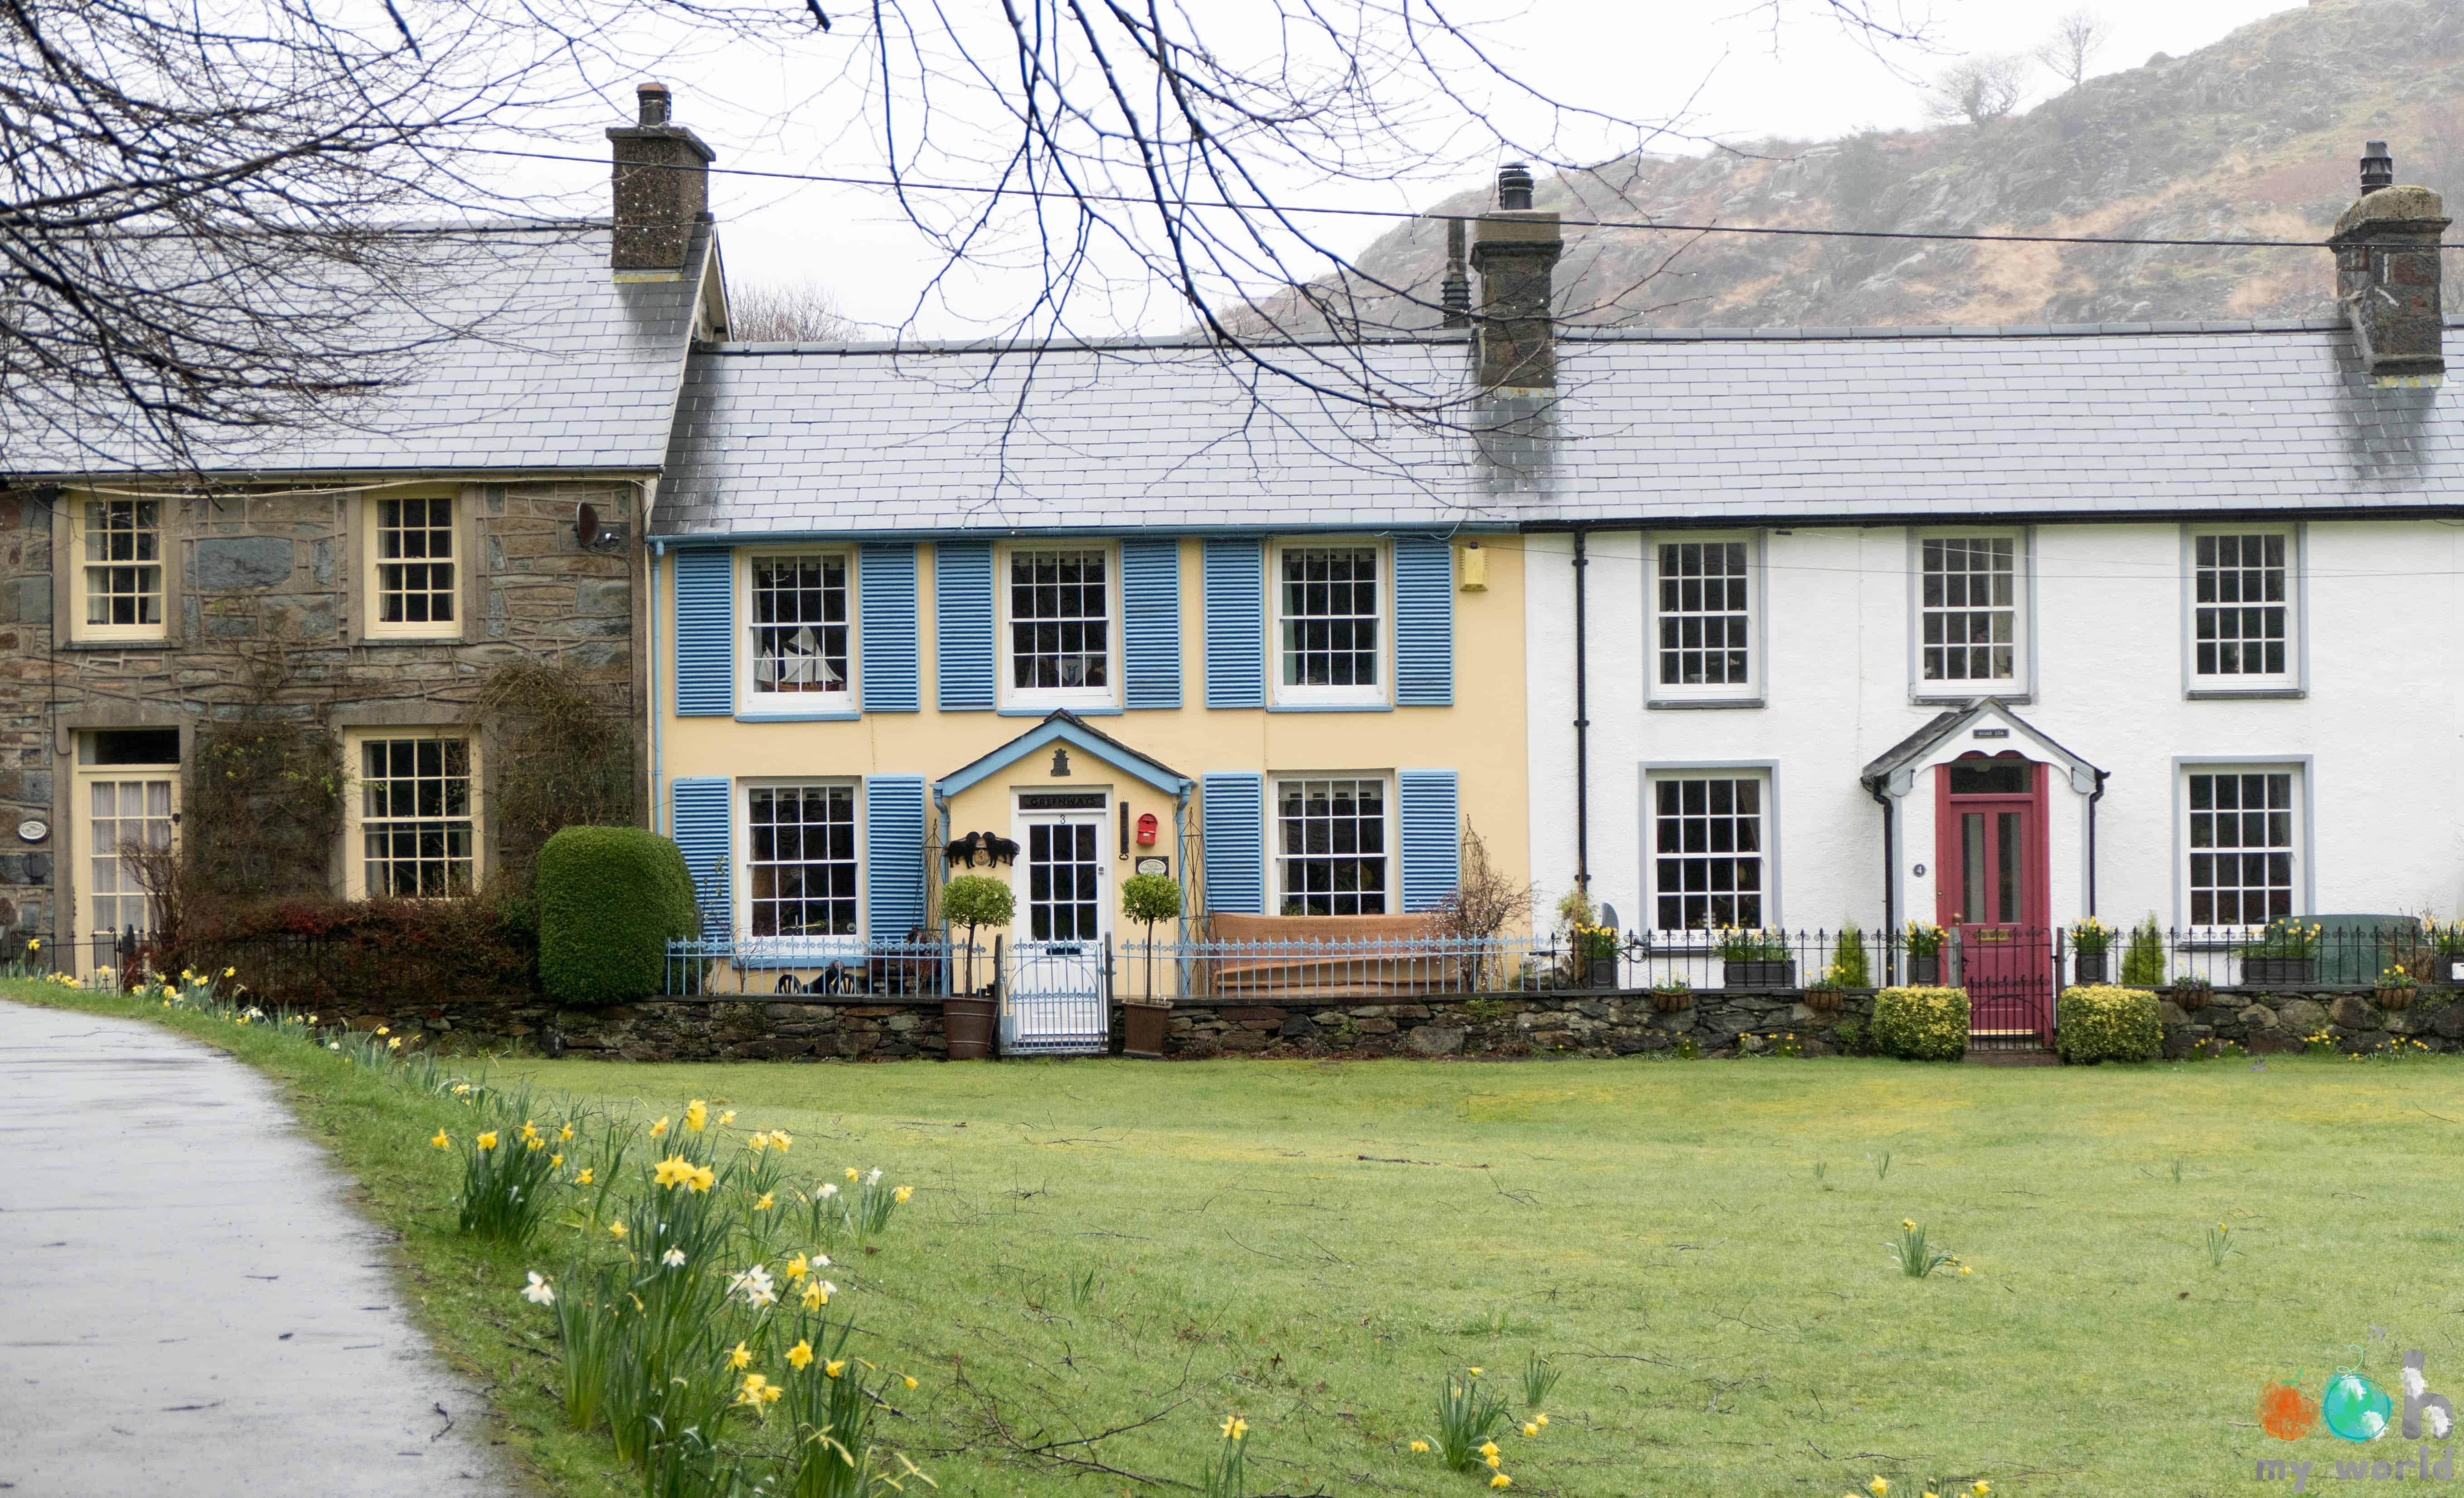 Le village de Beddgelert dans le Pays de Galles